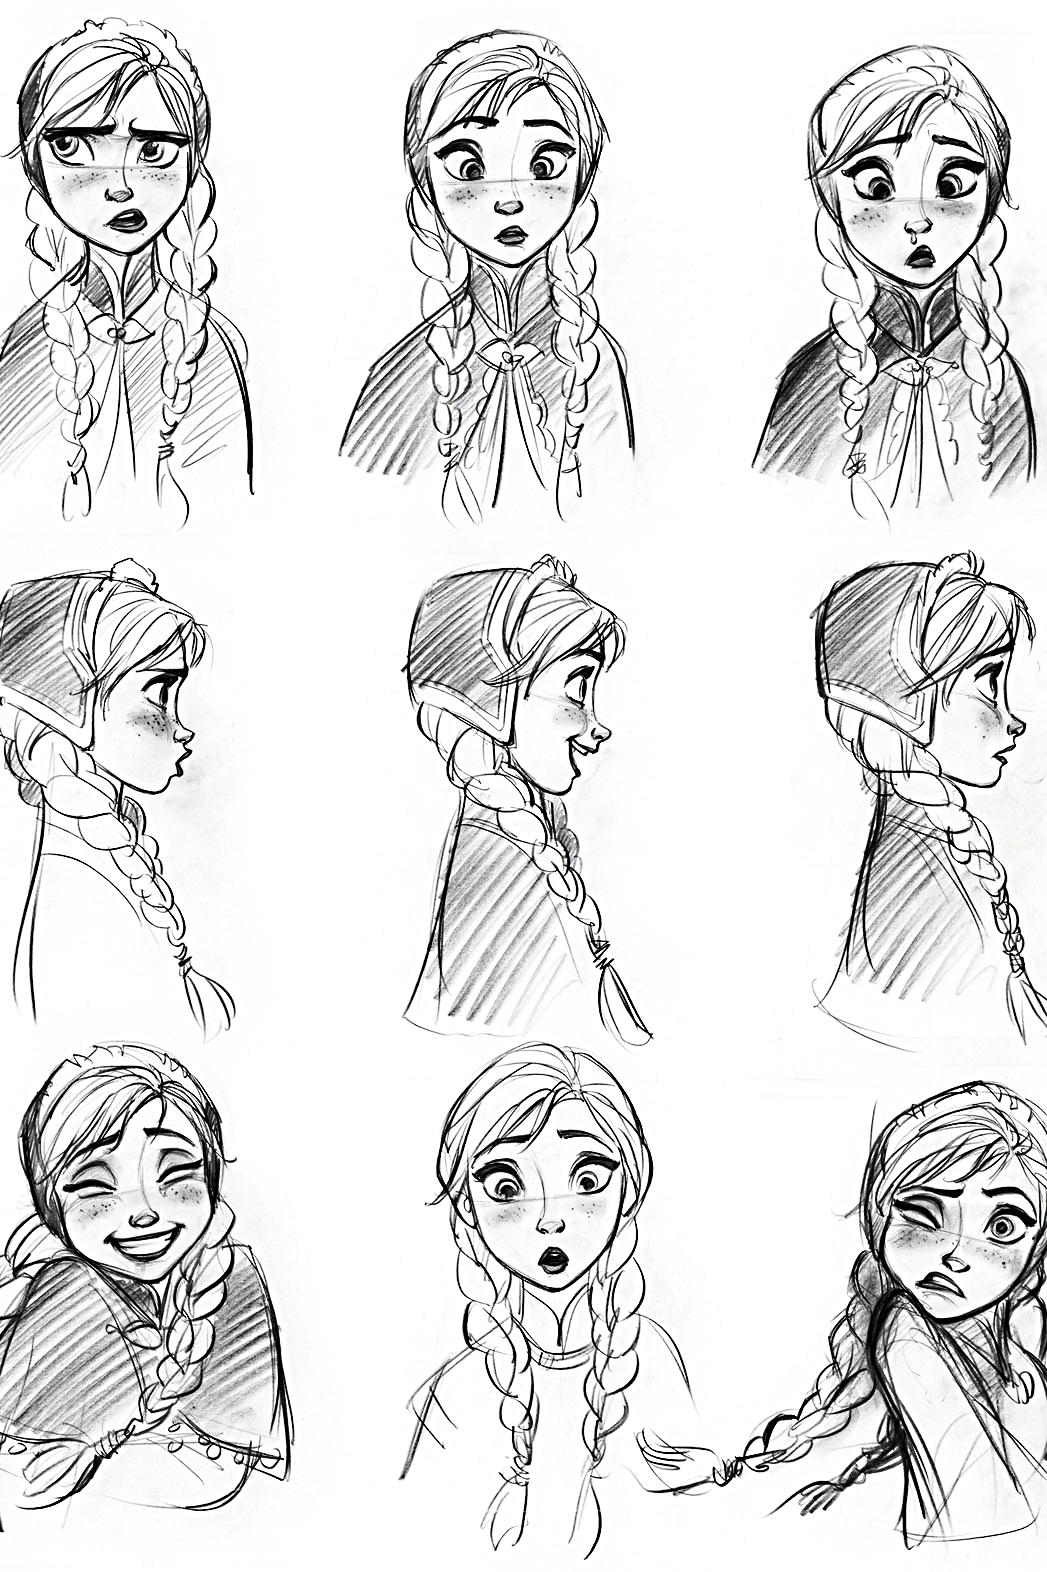 Walt Disney Sketches - Princess Anna